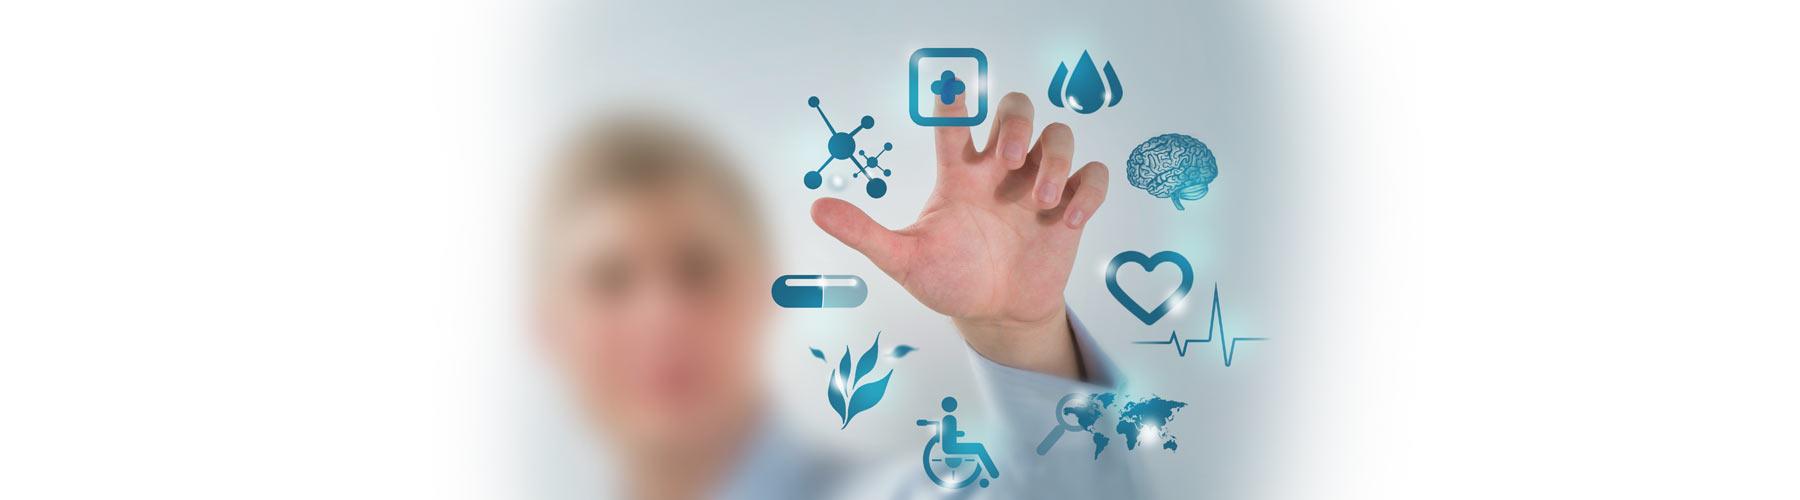 La Sociedad del Conocimiento aplicada a la Salud